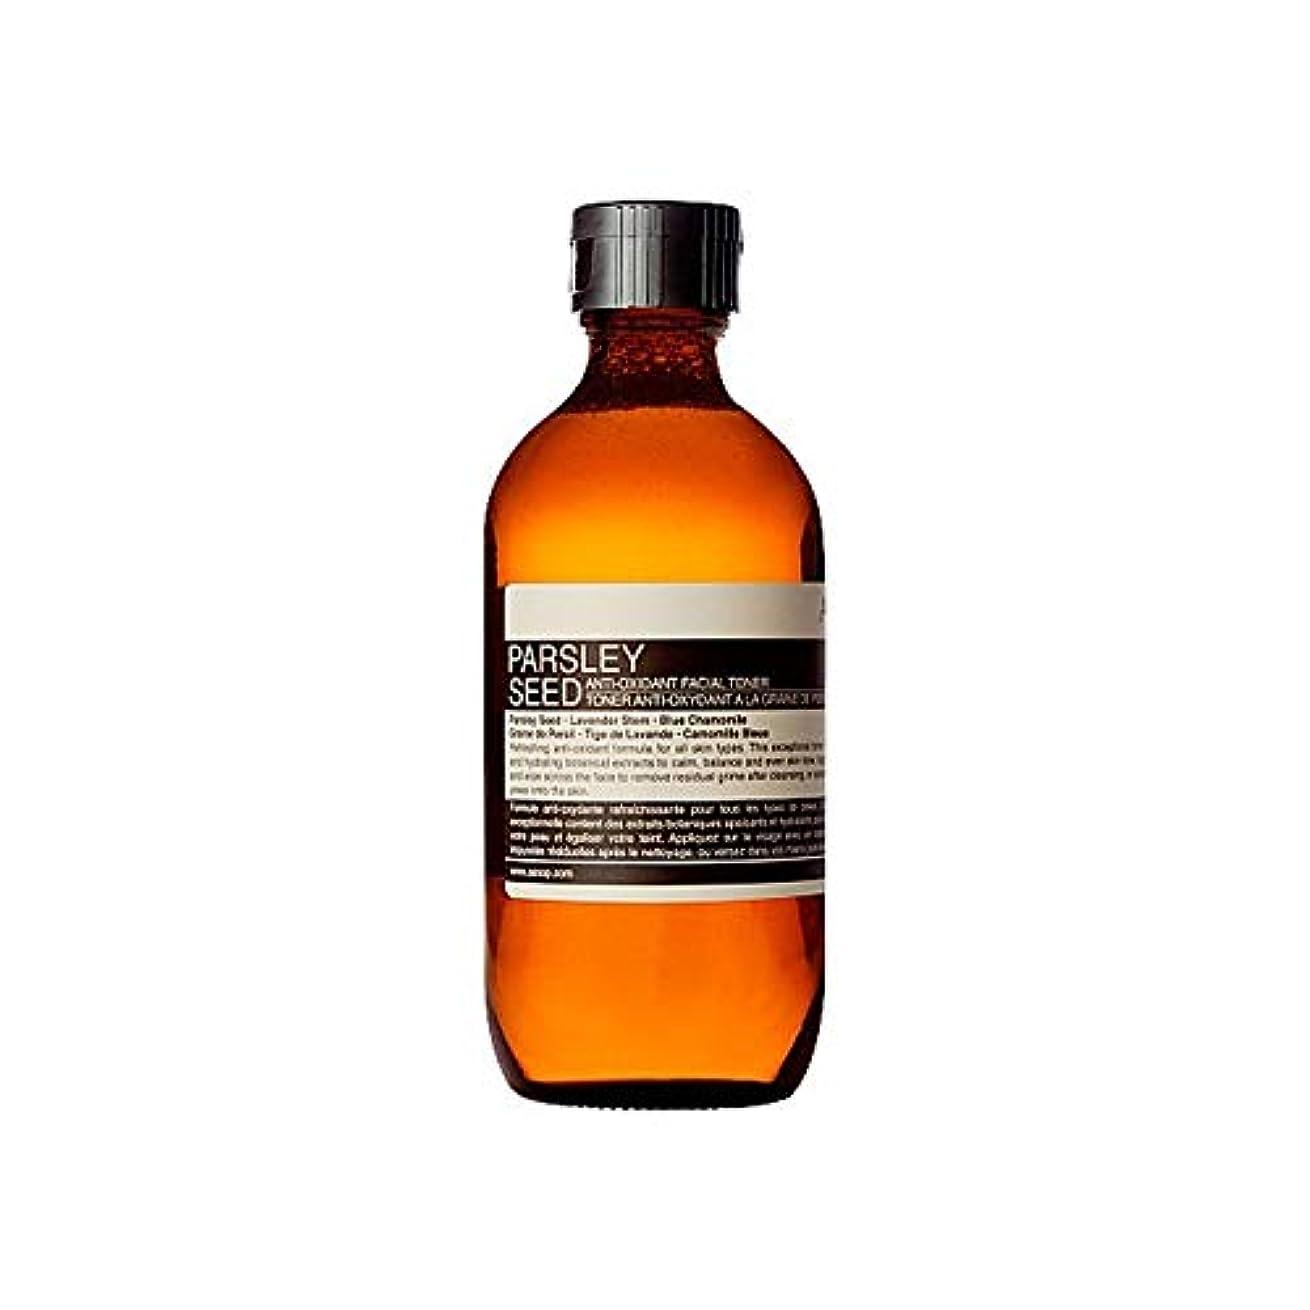 異常夫婦床[Aesop] イソップのパセリシード抗酸化フェイシャルトナー200ミリリットル - Aesop Parsley Seed Antioxidant Facial Toner 200ml [並行輸入品]